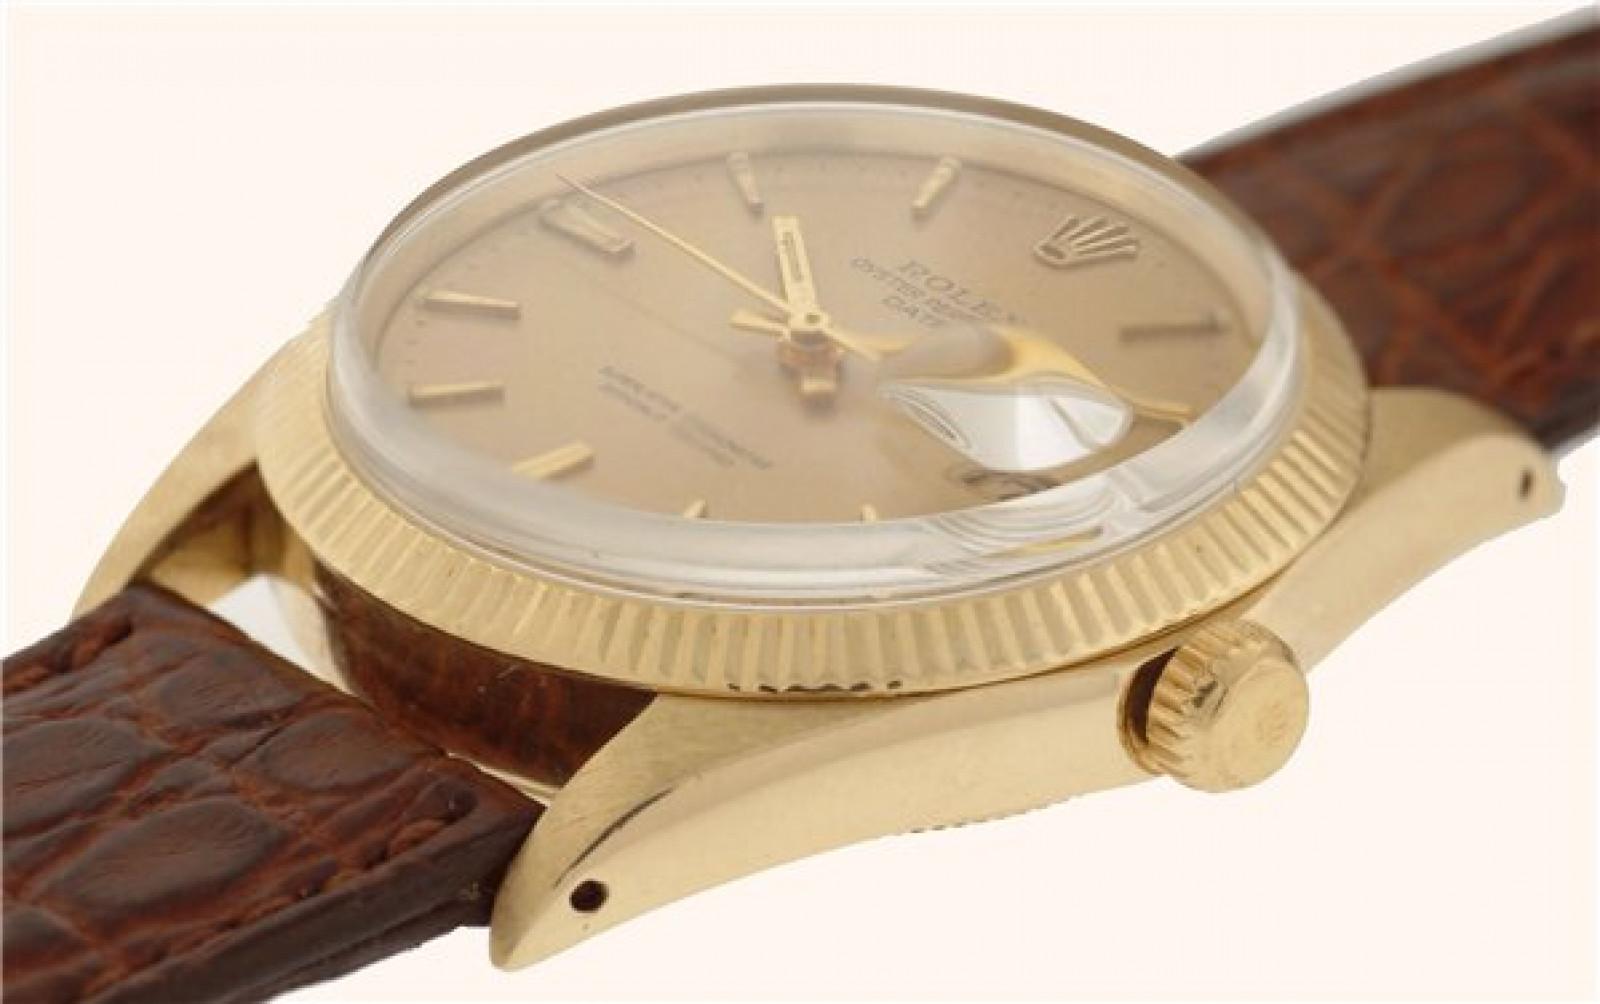 Vintage Rolex Date 1503 Gold Year 1967